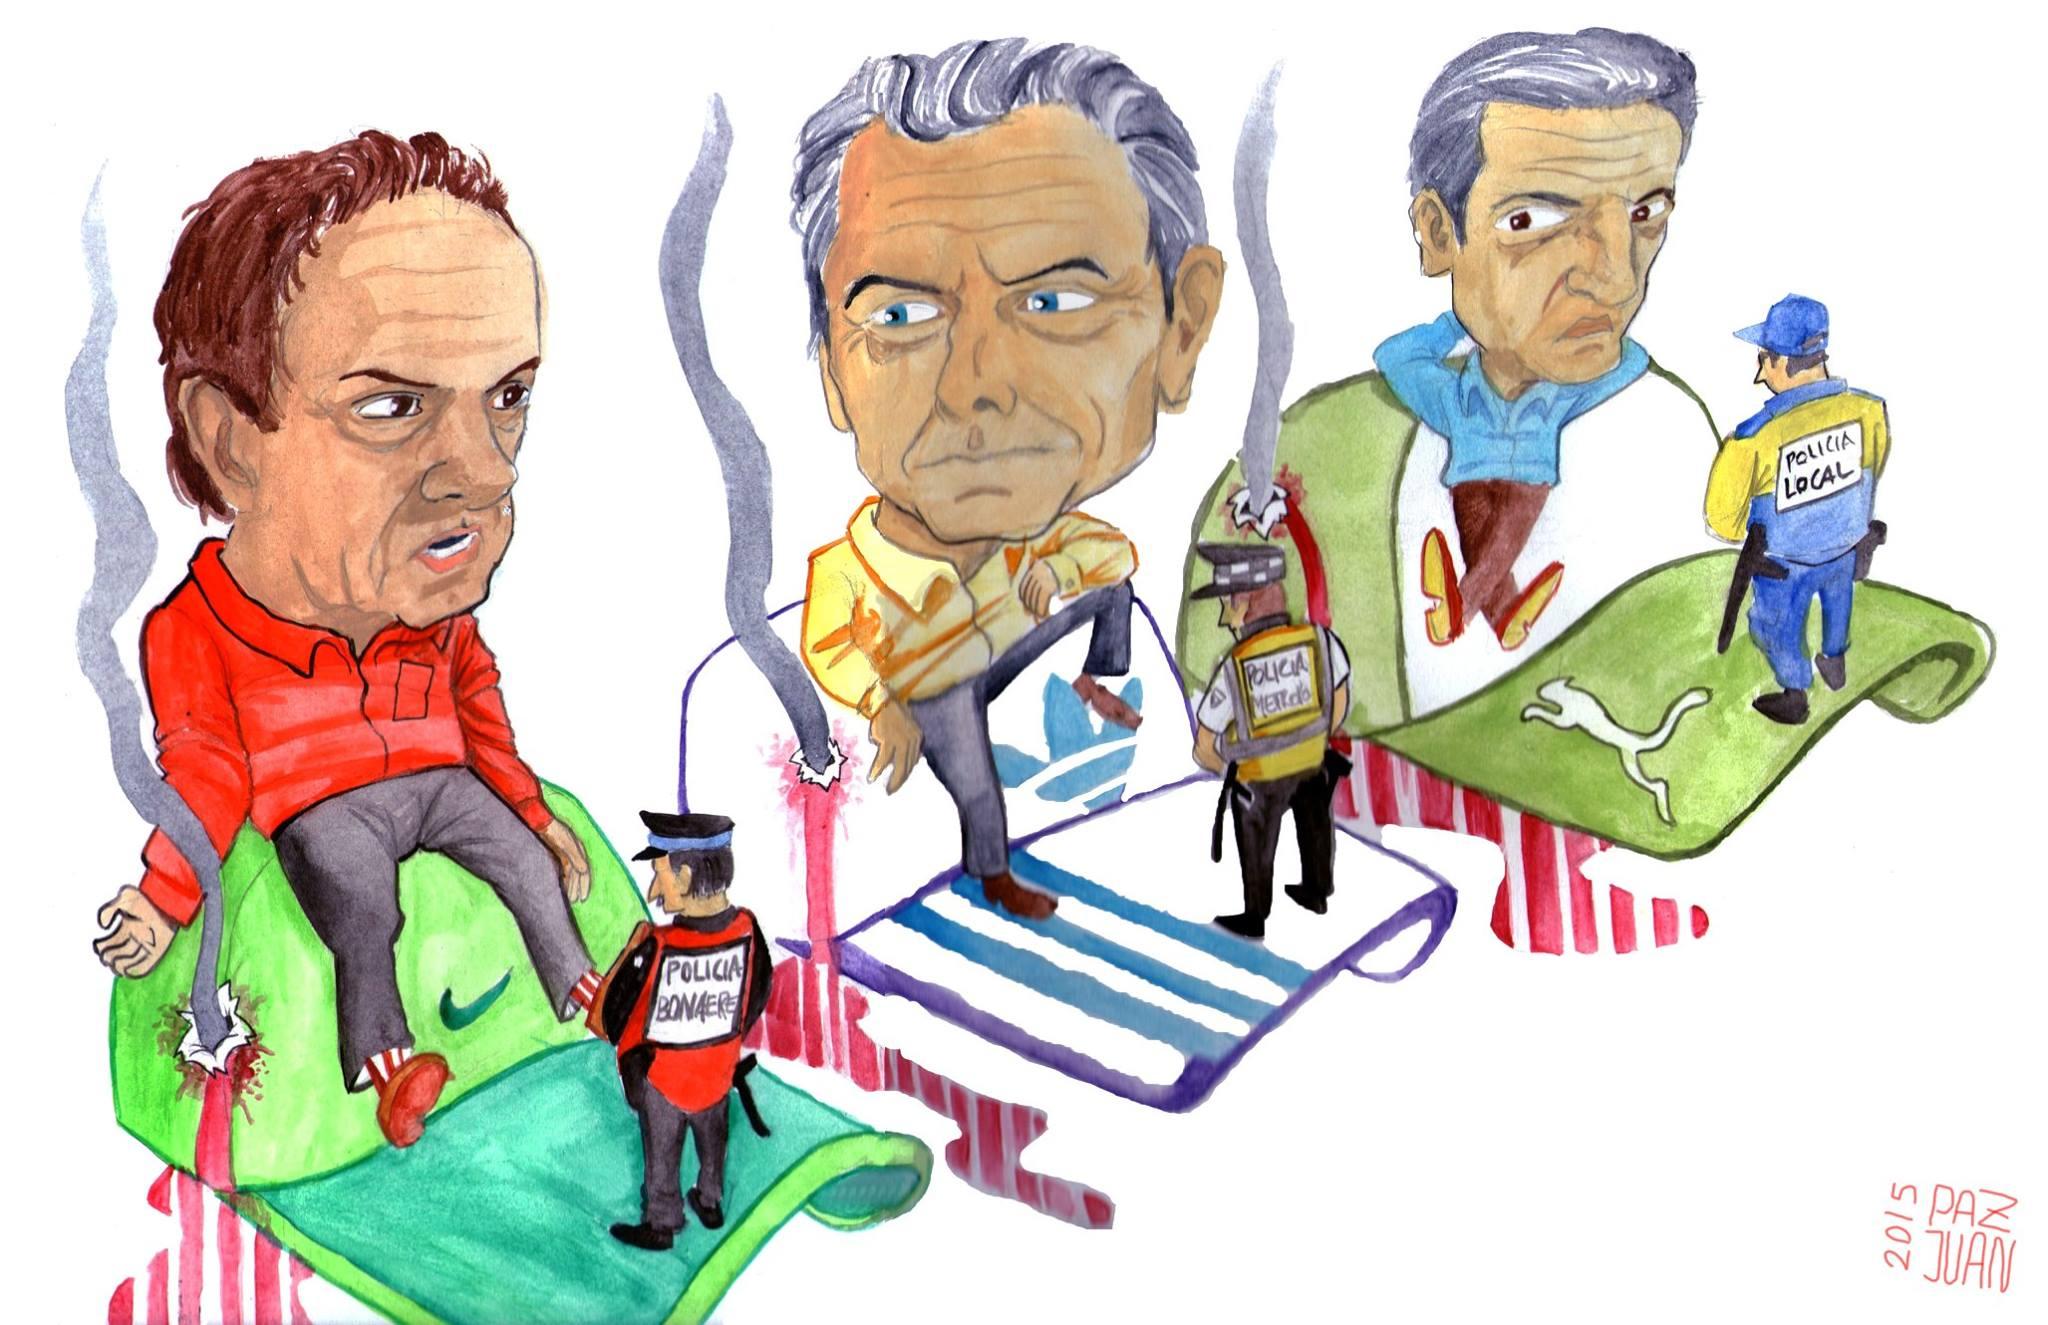 Juan Paz Ilustración 8